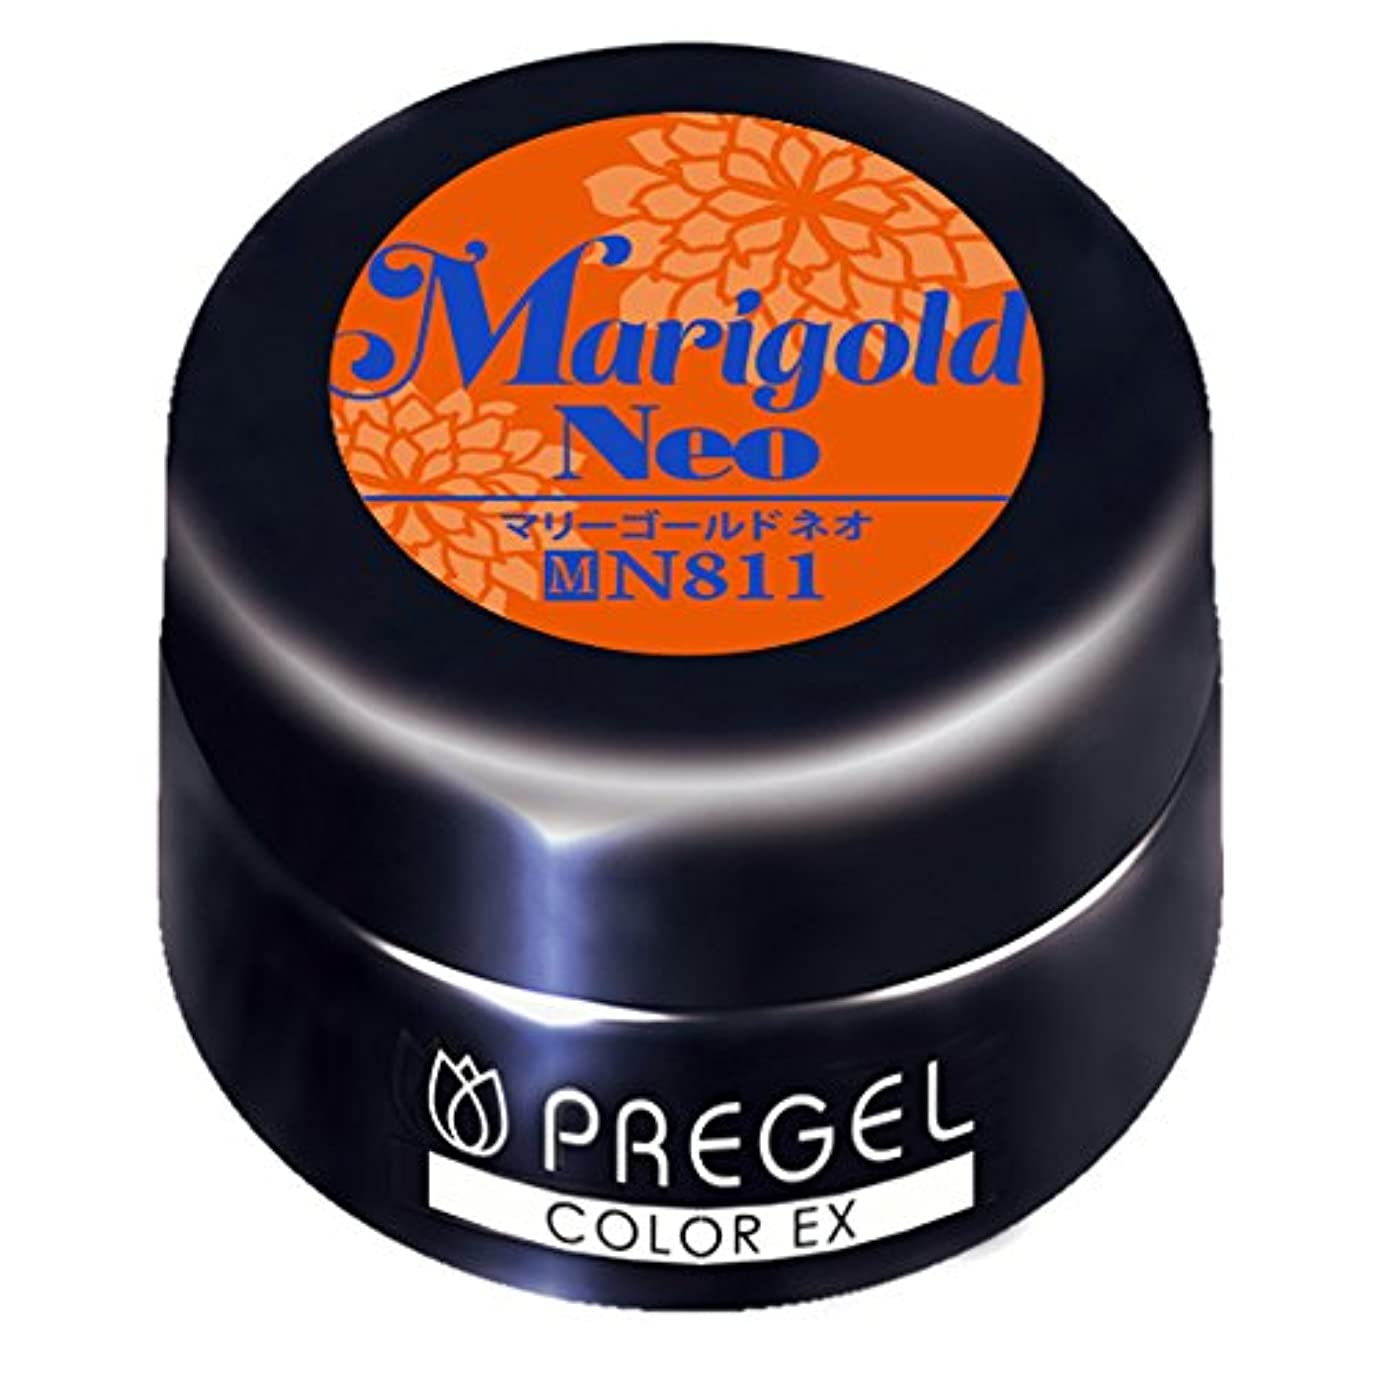 年次ペチュランス抑制するPRE GEL カラーEX マリーゴールドneo 811 3g UV/LED対応